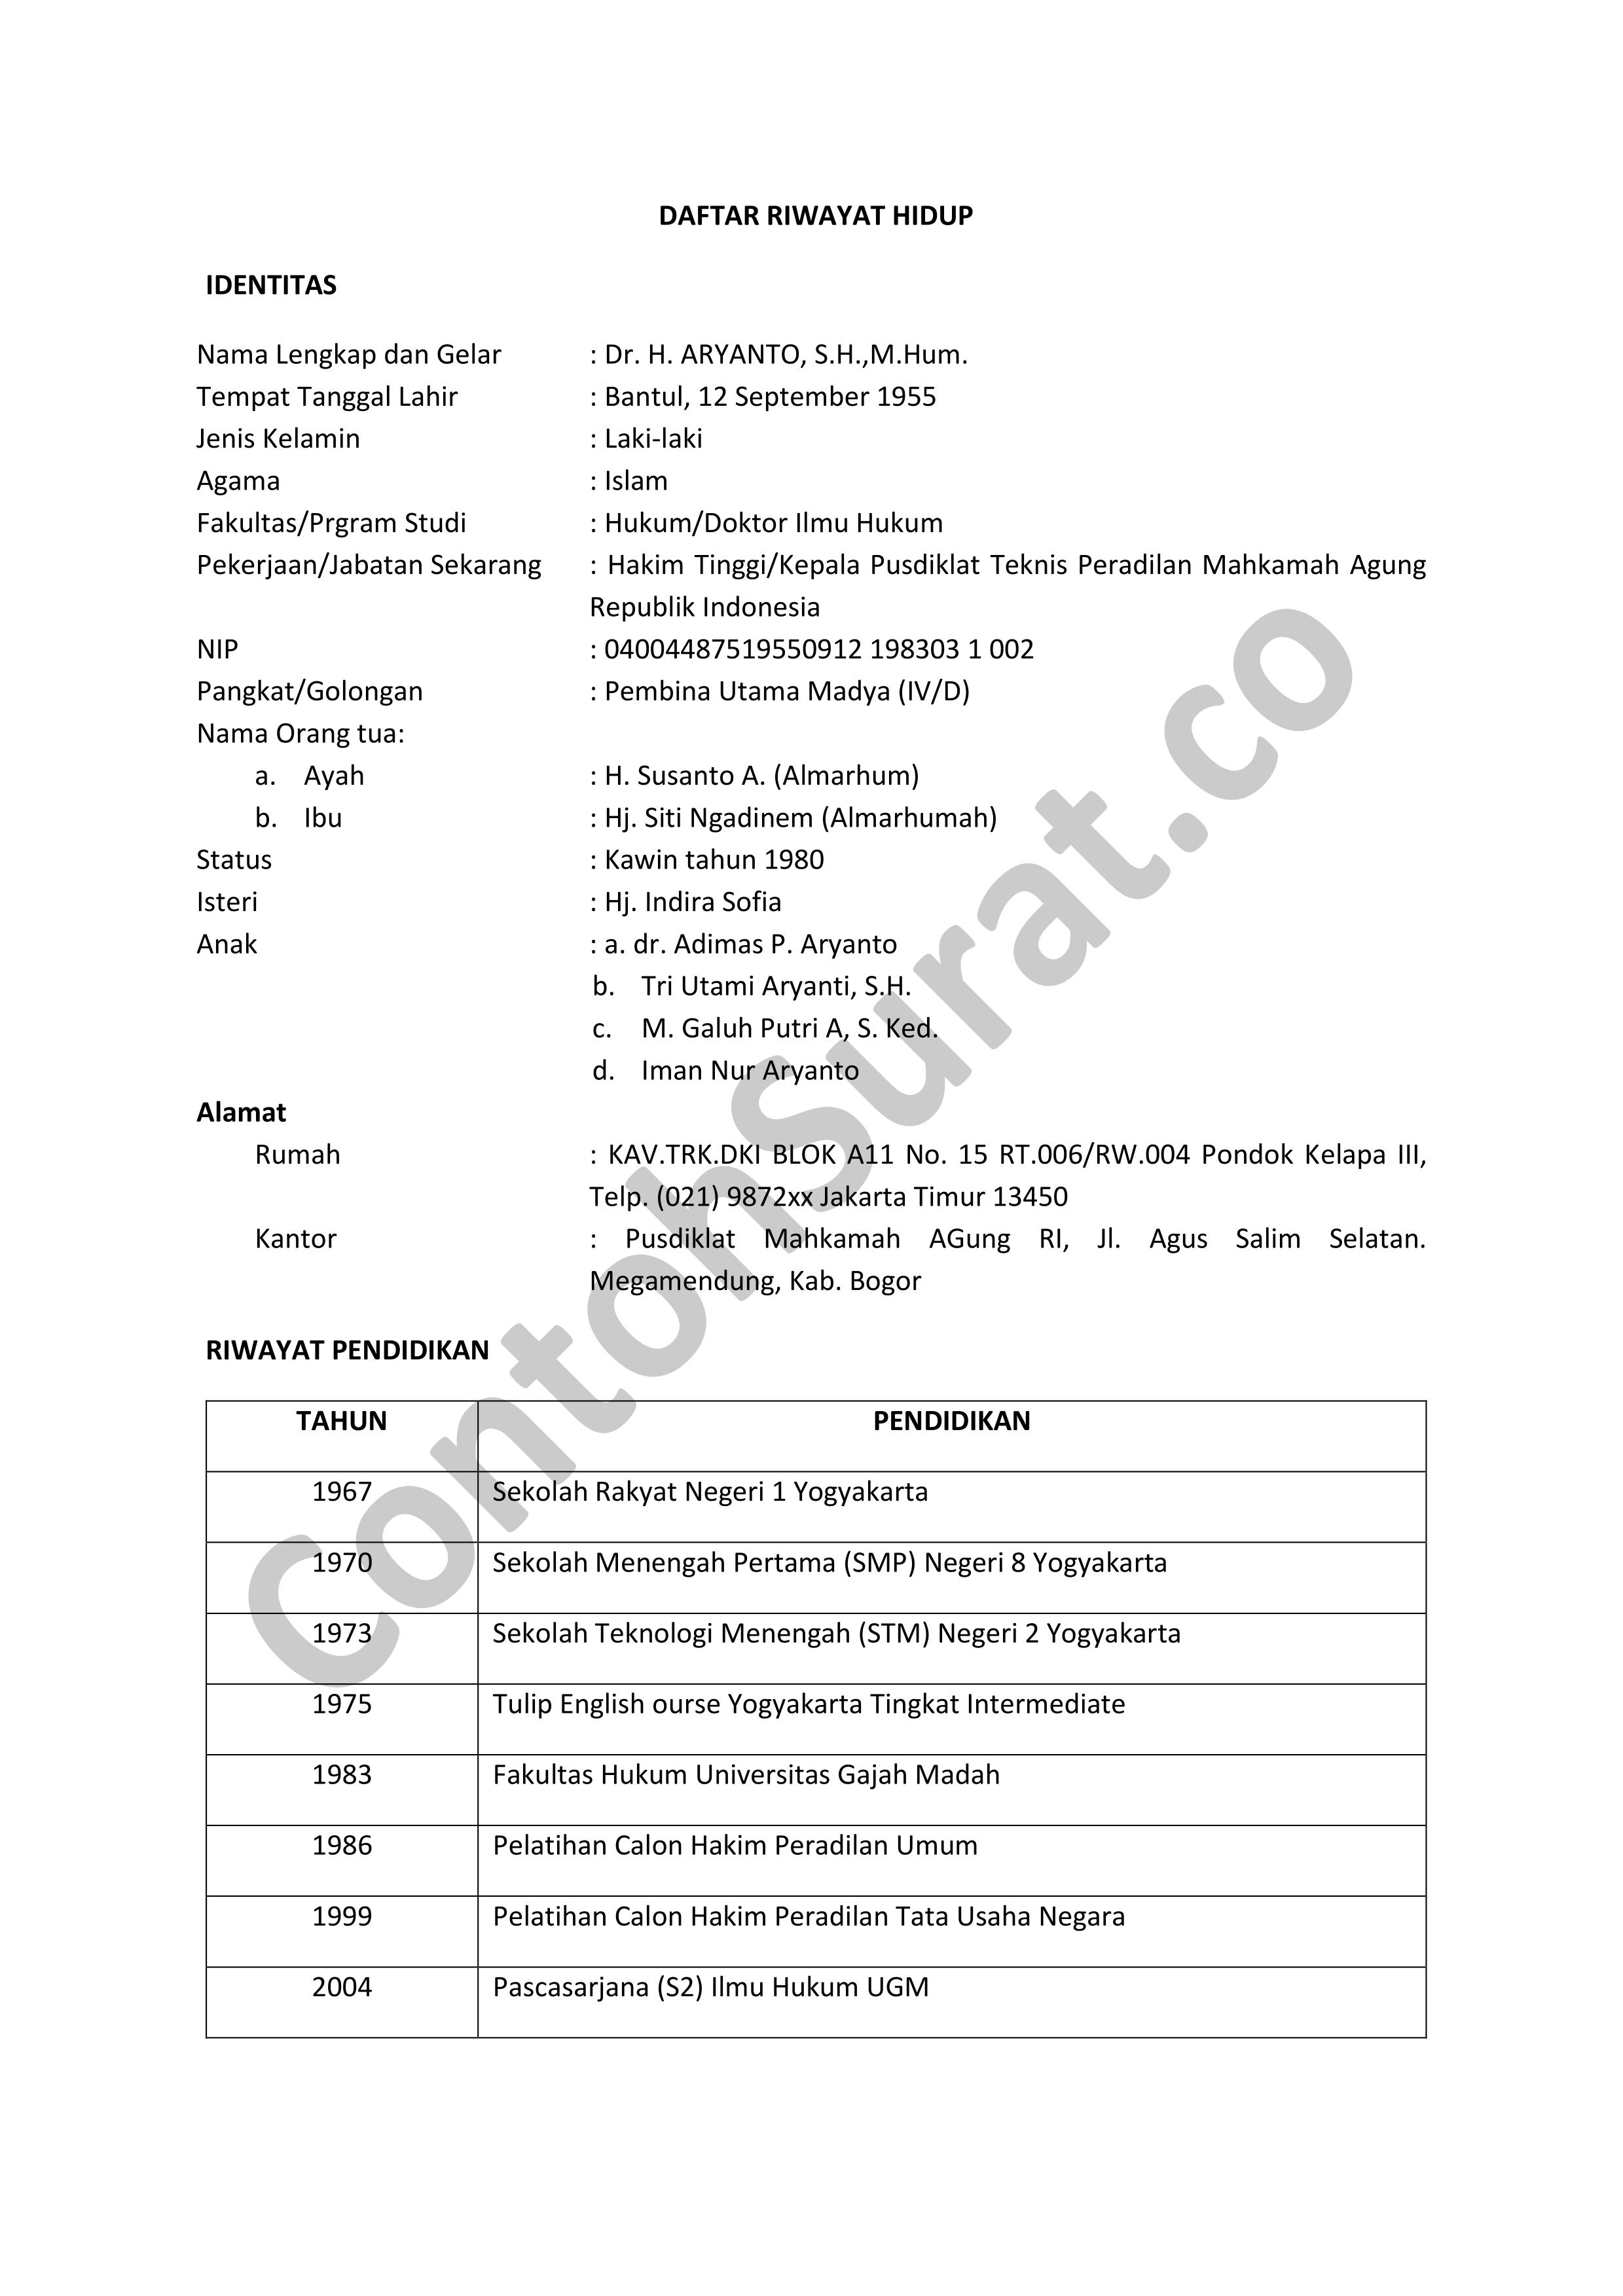 Contoh Daftar Riwayat Hidup S2